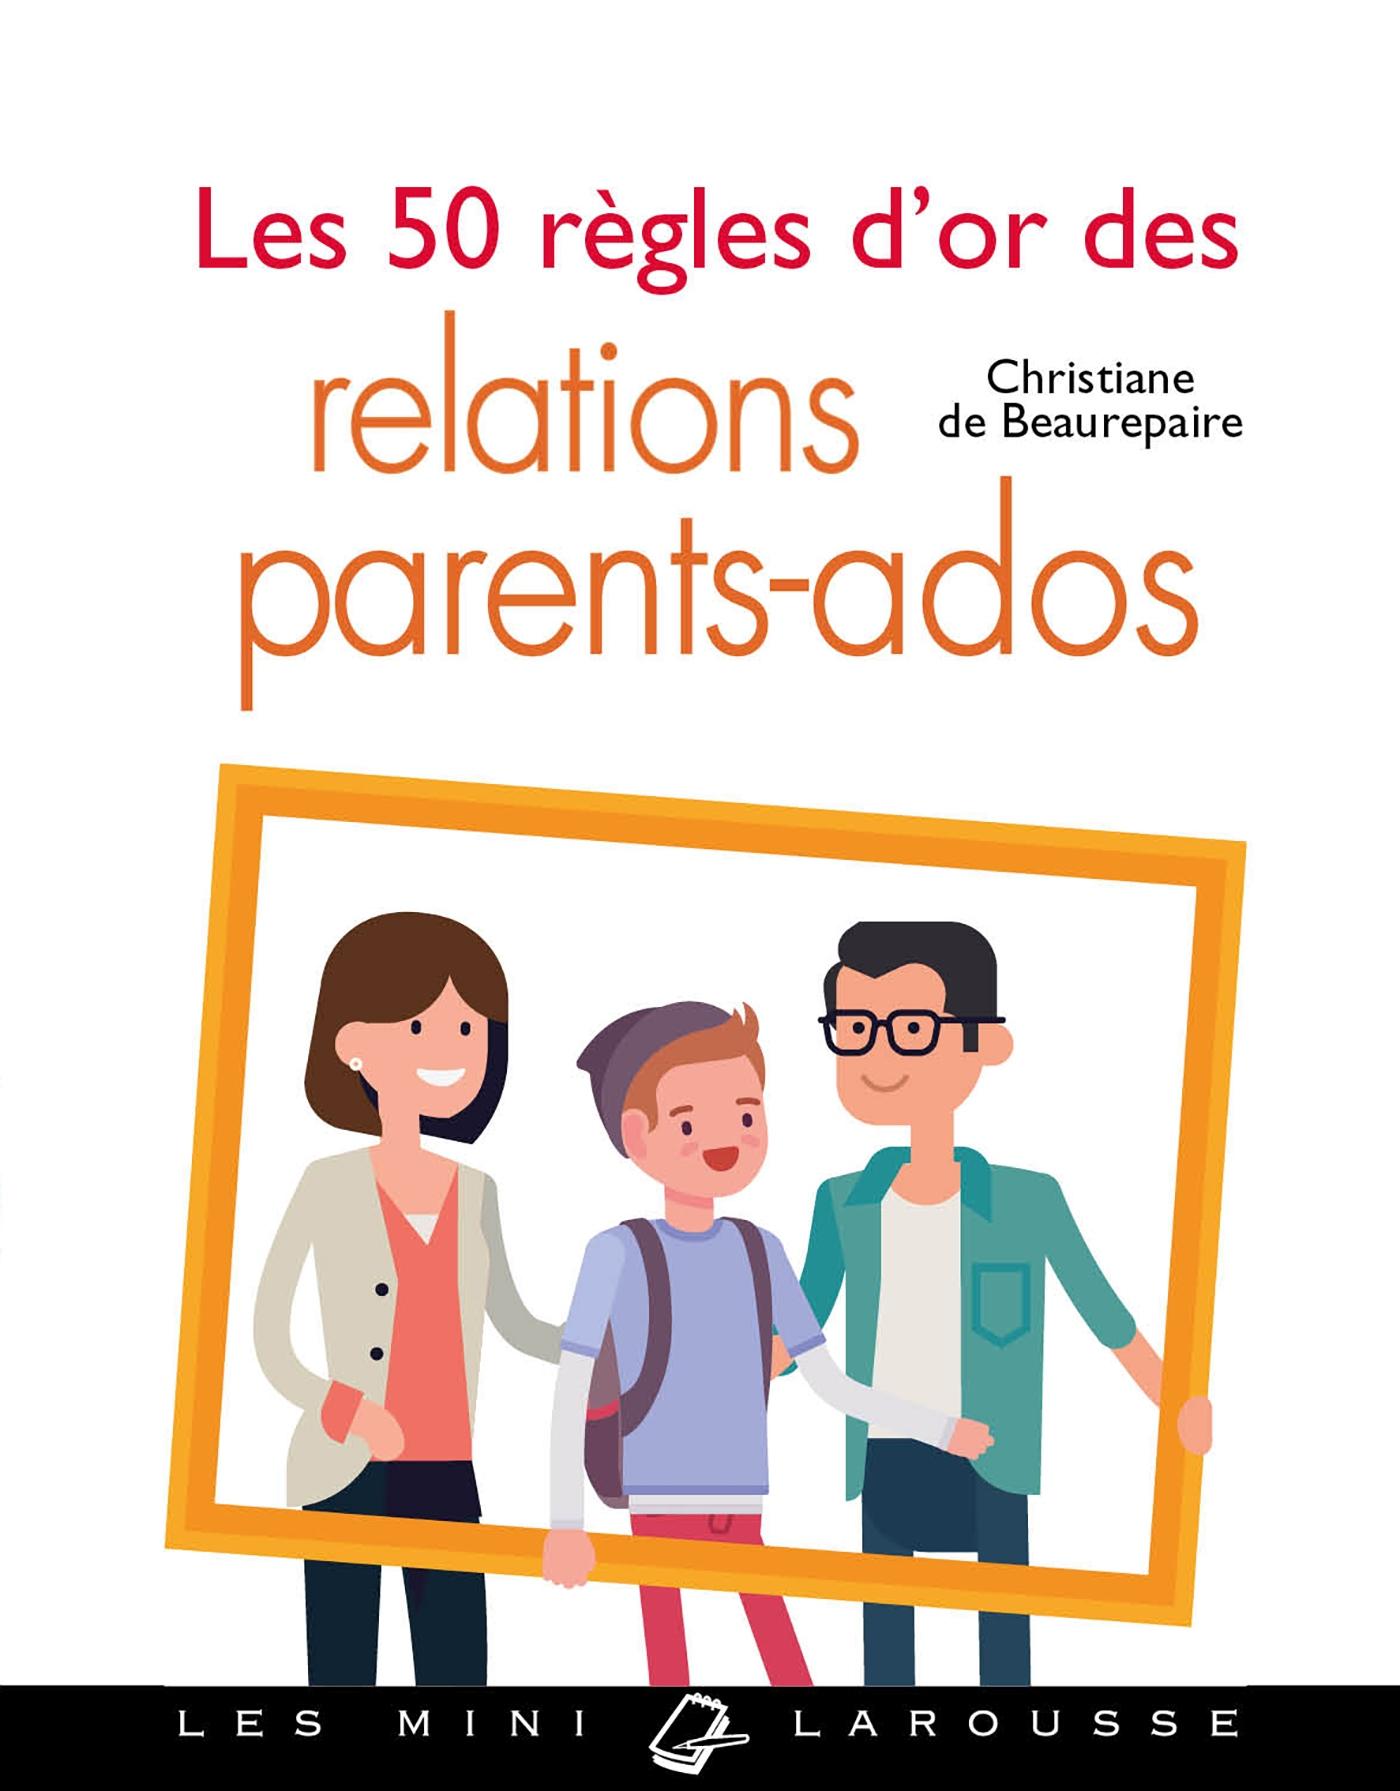 Les 50 règles d'or des relations parents-ados  